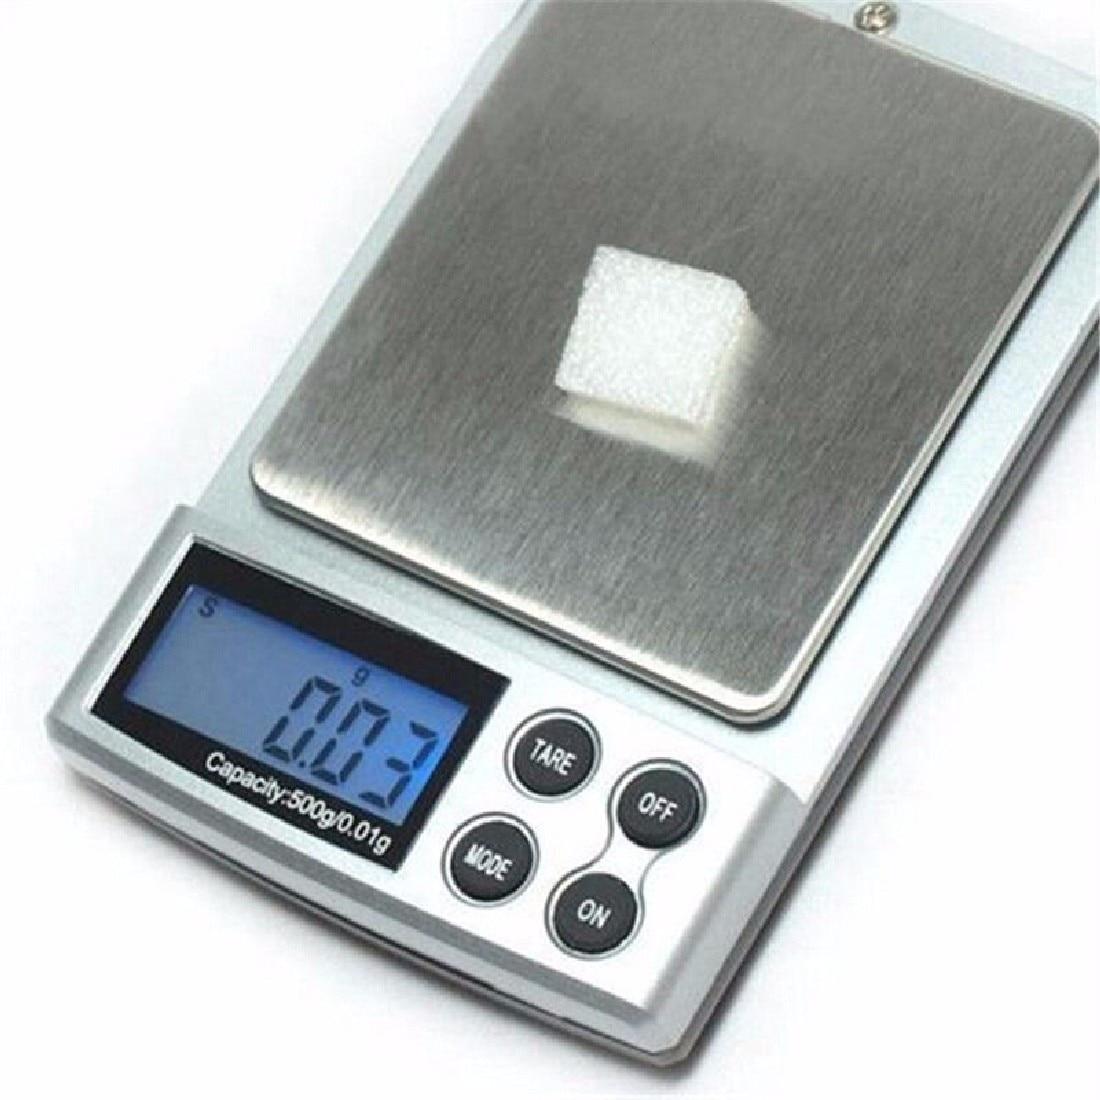 1vnt 500g x 0,01g skaitmeninės tikslios skalės aukso sidabro papuošalai Svarstyklių svarstyklės LCD ekranai Kišeninės elektroninės svarstyklės